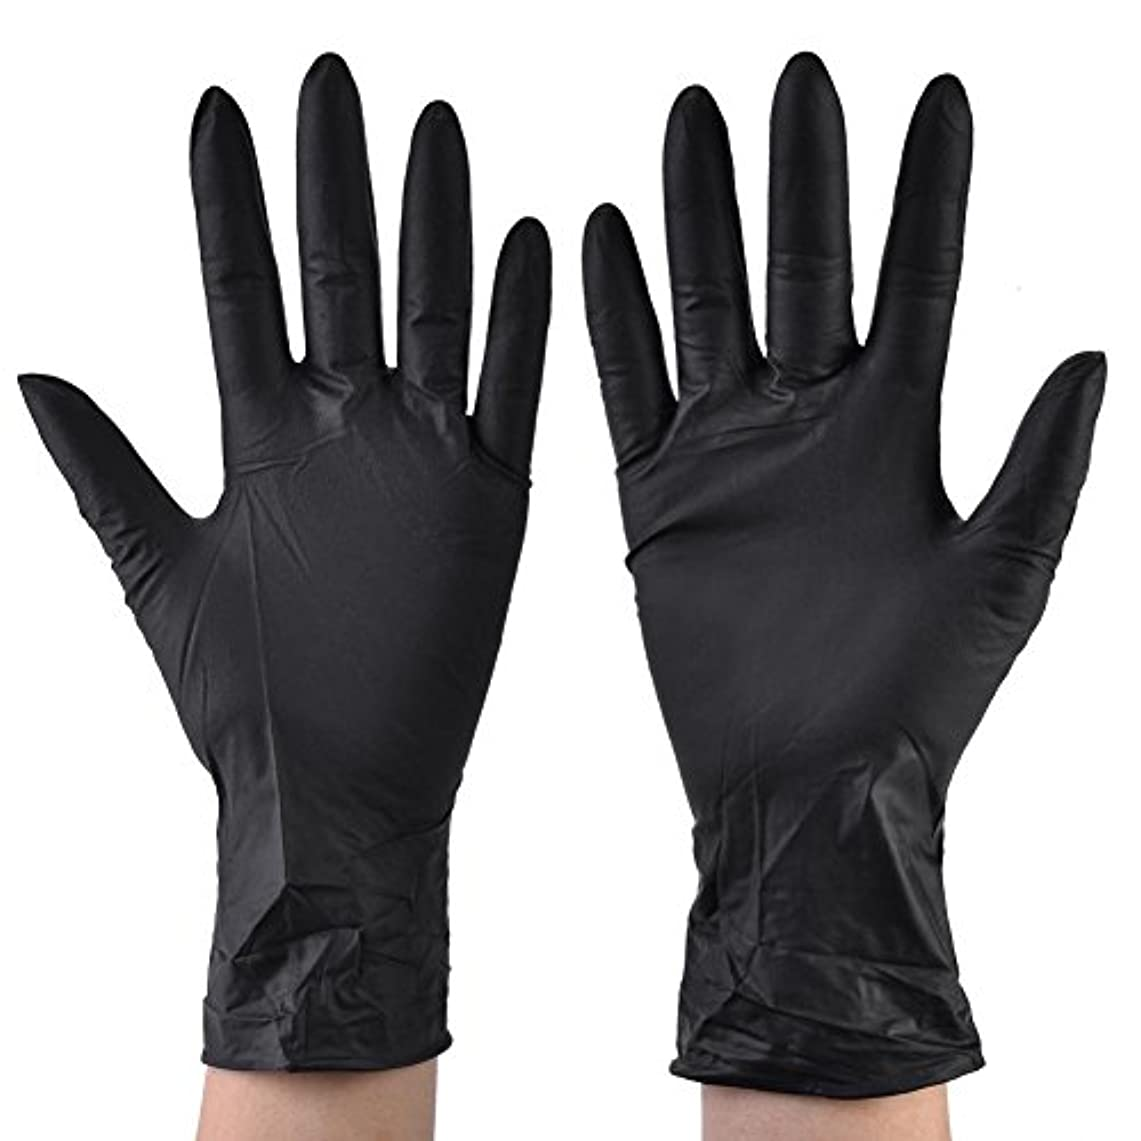 勇気副詞クラック100pcs使い捨てニトリル手袋医療グレードラテックスフリーパウダーフリーブラックラージミディアムスモールインダストリアル、医療、美容、健康(L)